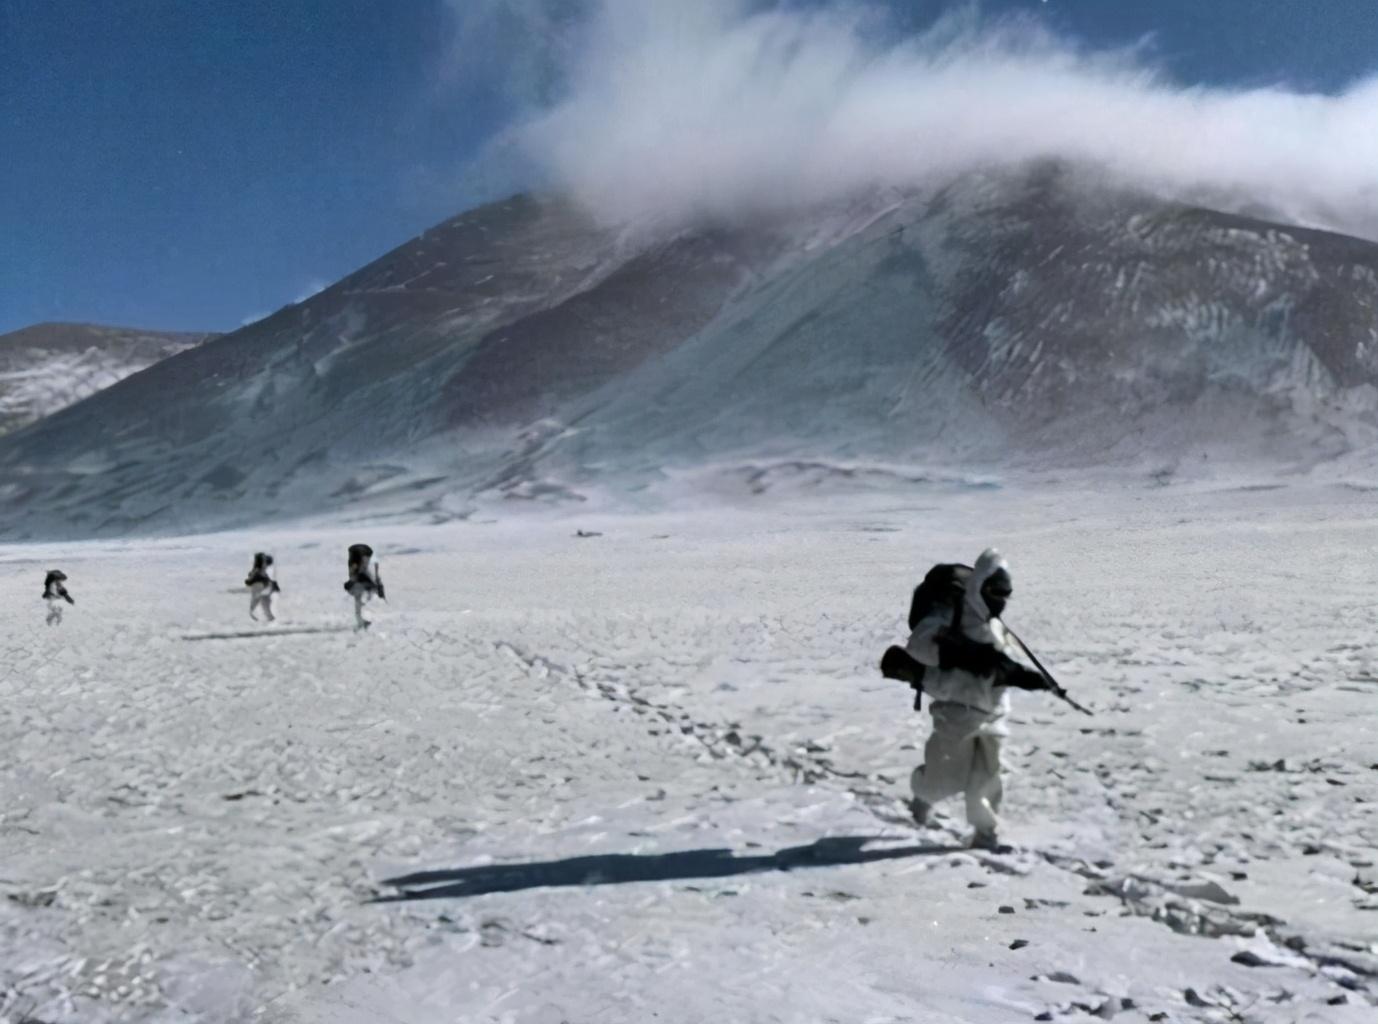 解放军动用微波武器?英媒称中国一枪不开夺回班公湖山头,印回应